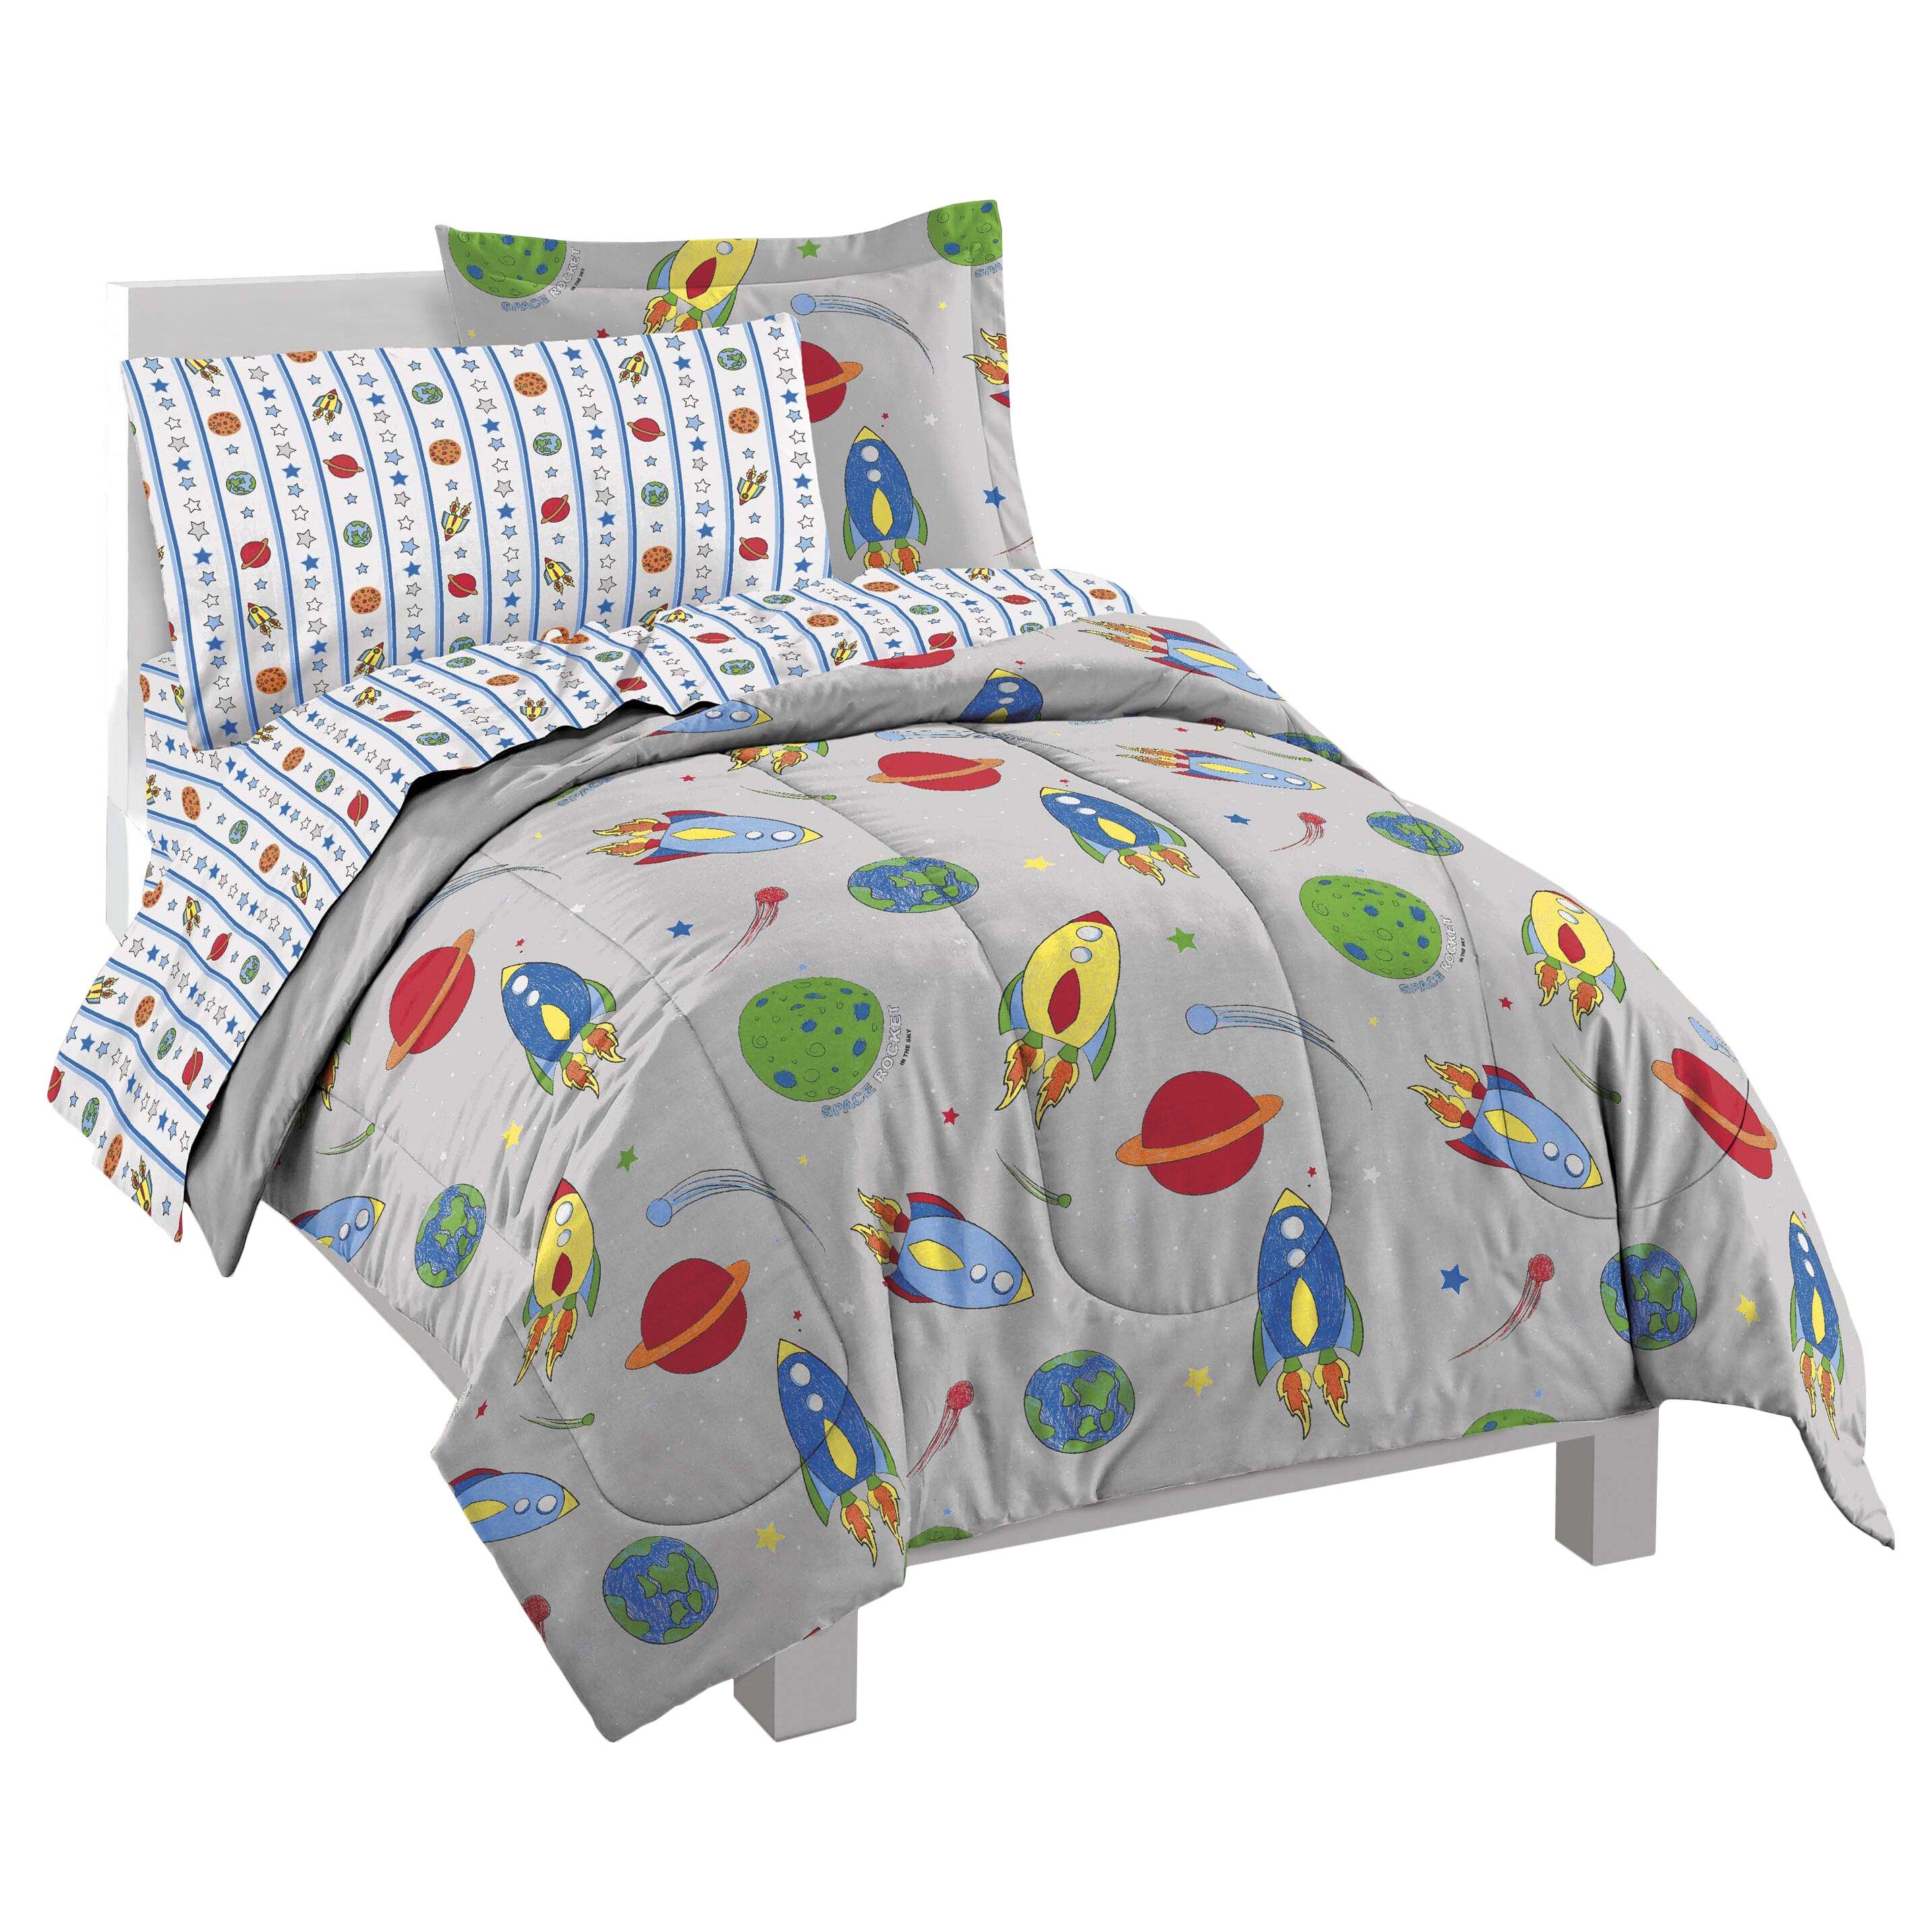 Zoomie Kids Kole Space Rocket 5 Piece Twin Bed In A Bag Set Reviews Wayfair